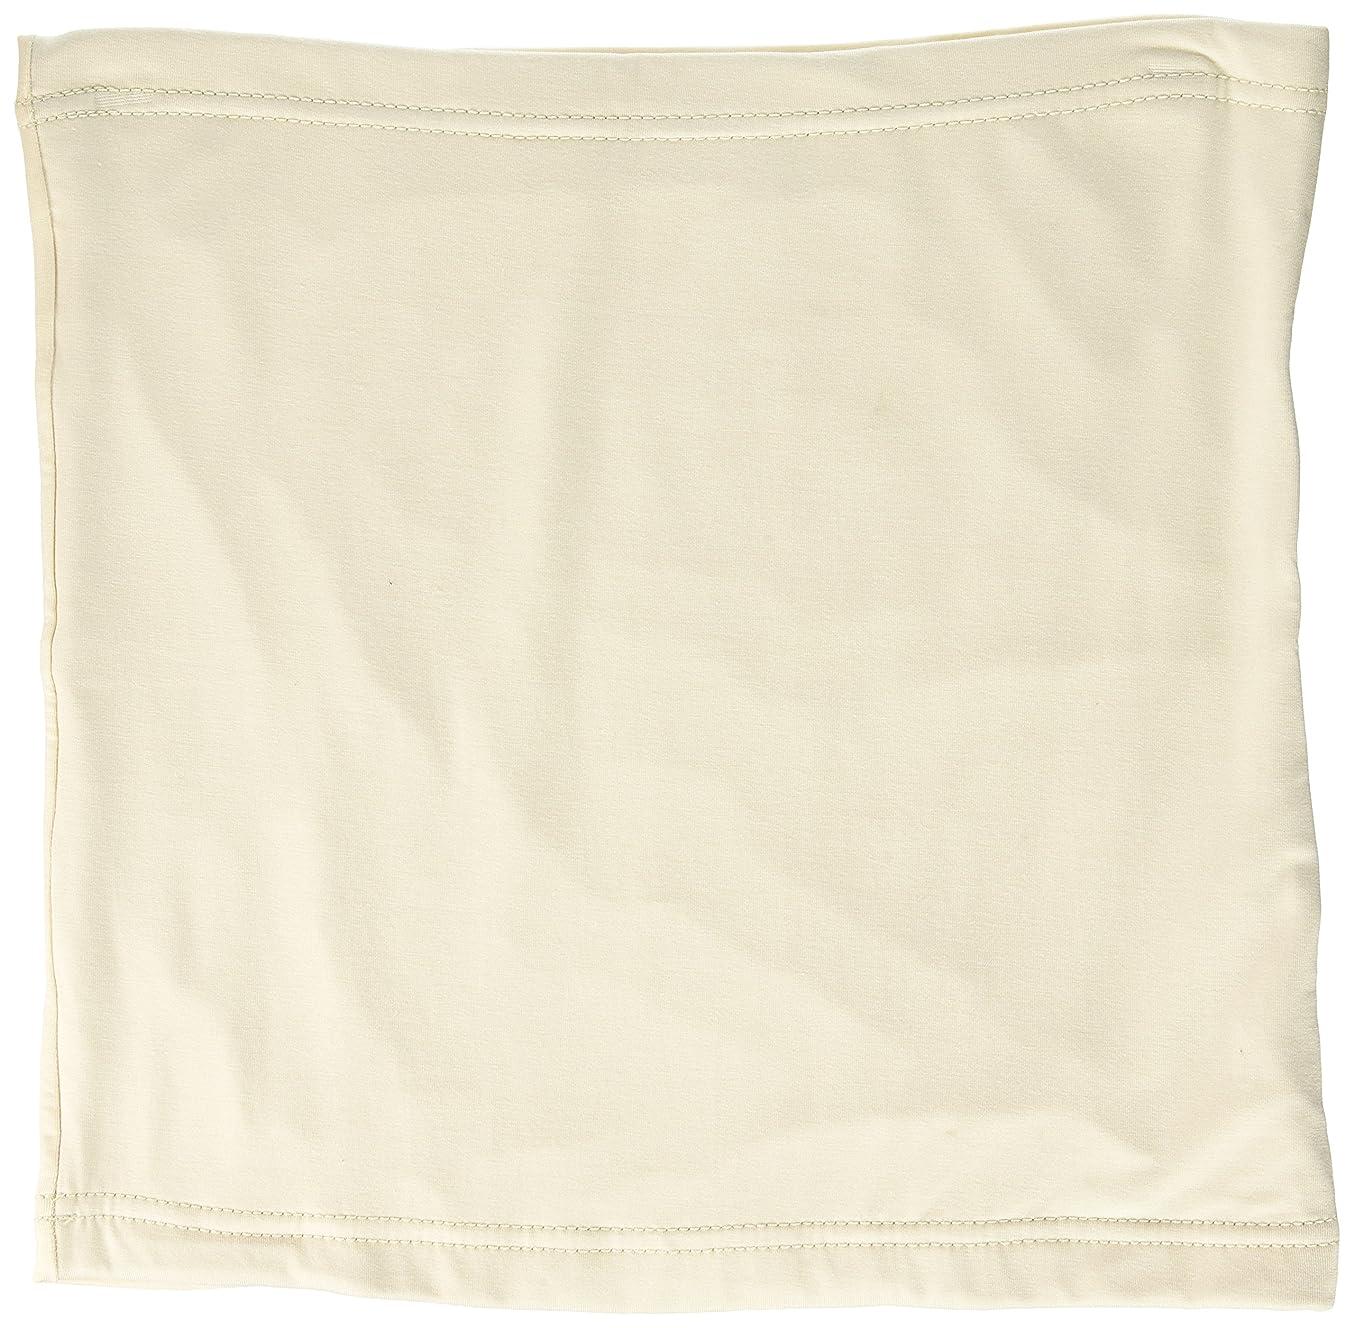 コック食堂目的vest 電磁波防止 Anti-Radiation 腹巻 Belly Band - M - ホワイト vst118006